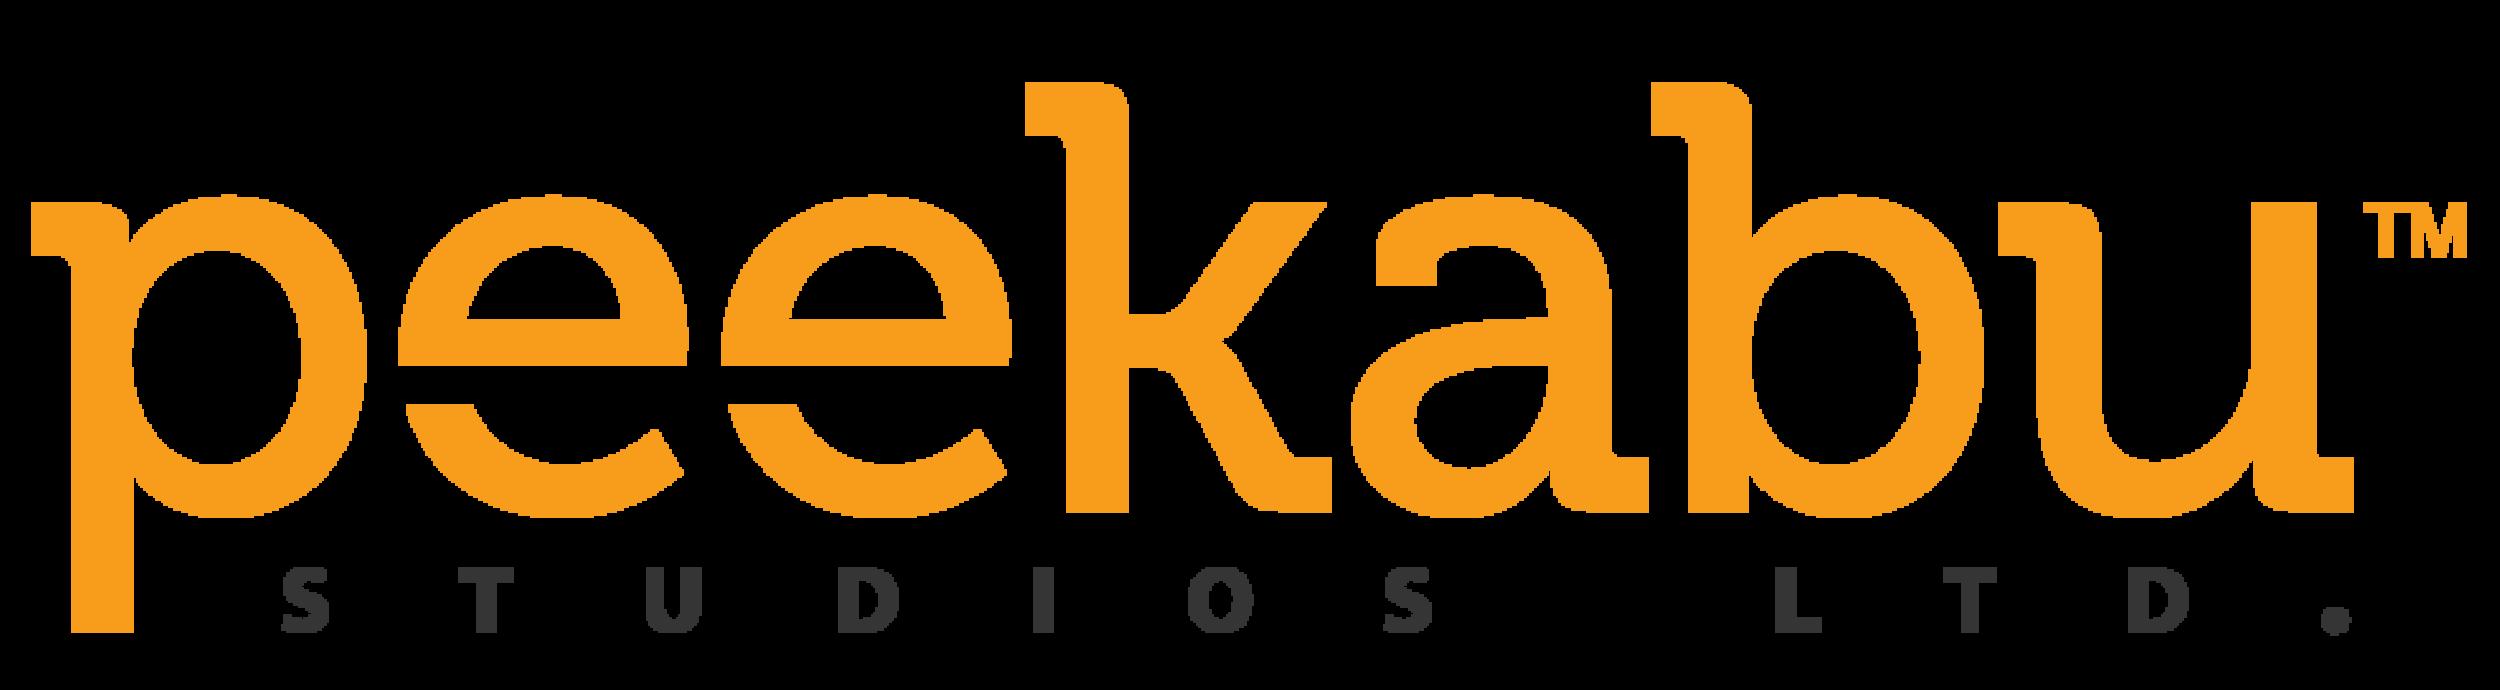 peekabu_logo_lg.png-01.png